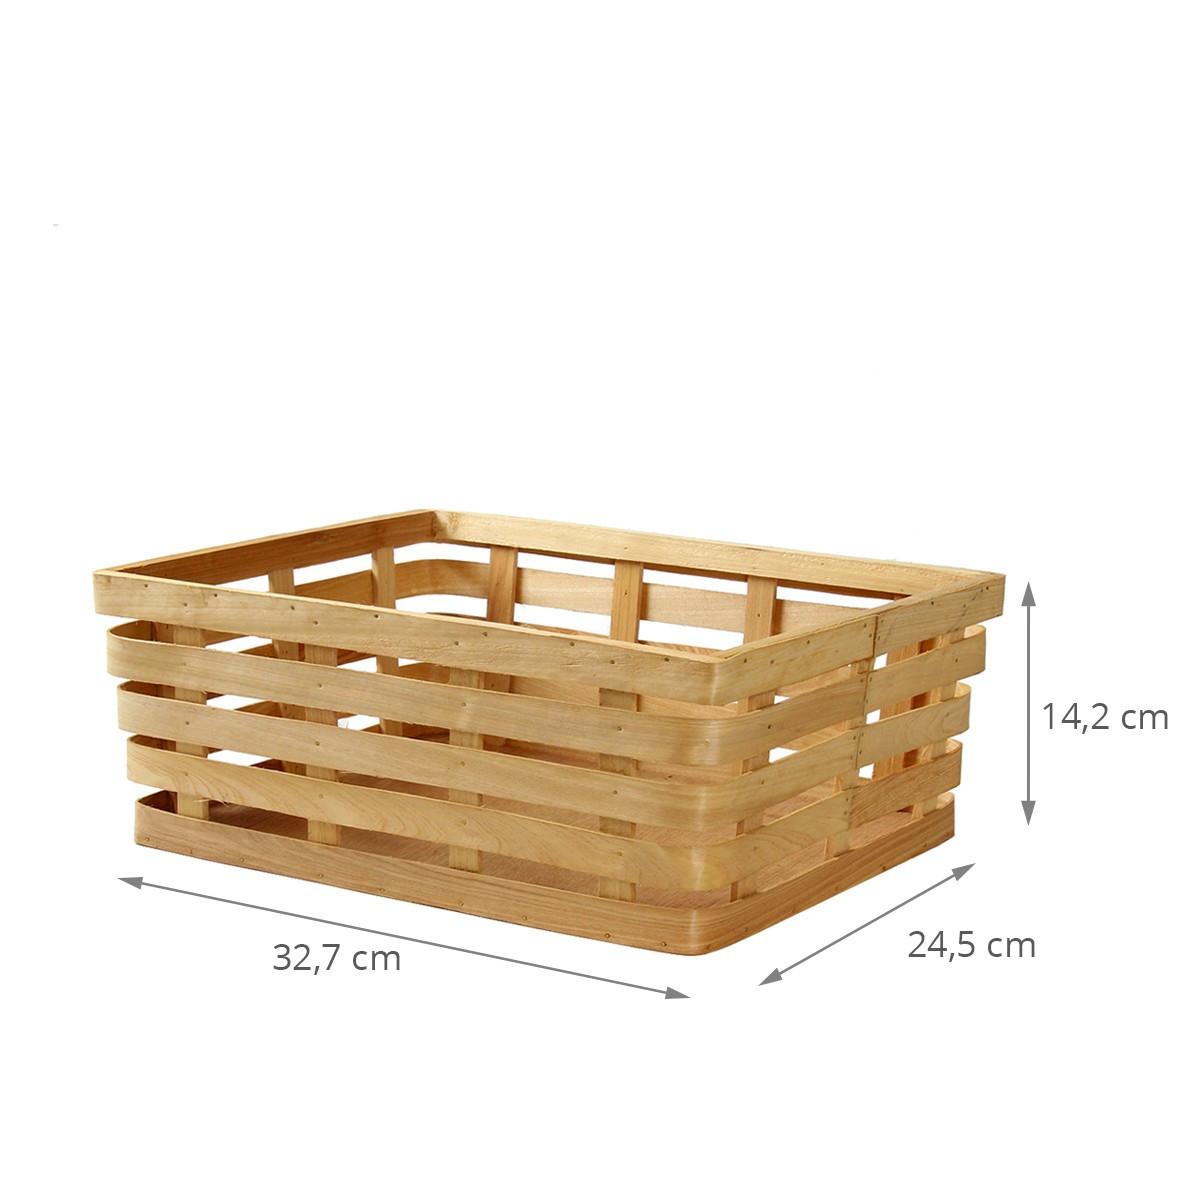 panier de rangement rectangulaire en lattes de bois blond. Black Bedroom Furniture Sets. Home Design Ideas